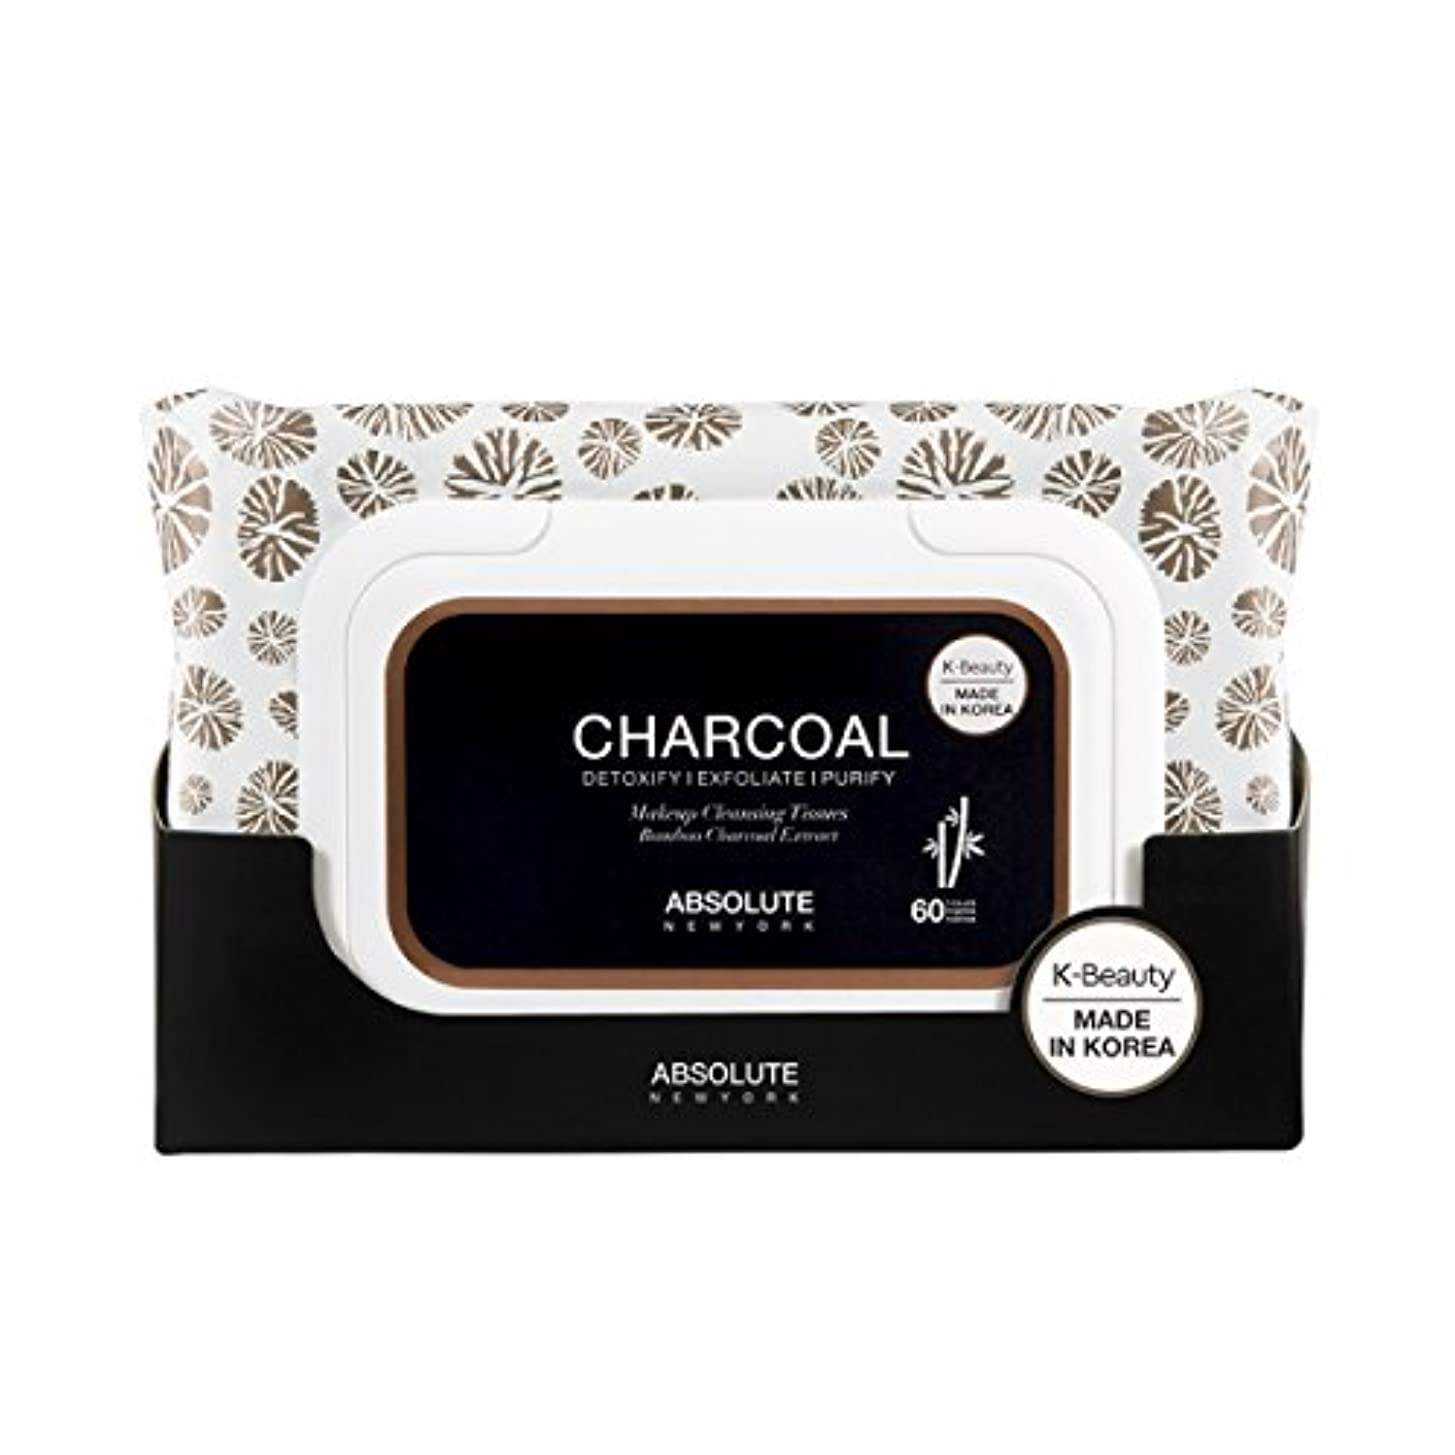 遺産振り子調和(3 Pack) ABSOLUTE Charcoal Cleansing Tissue (並行輸入品)